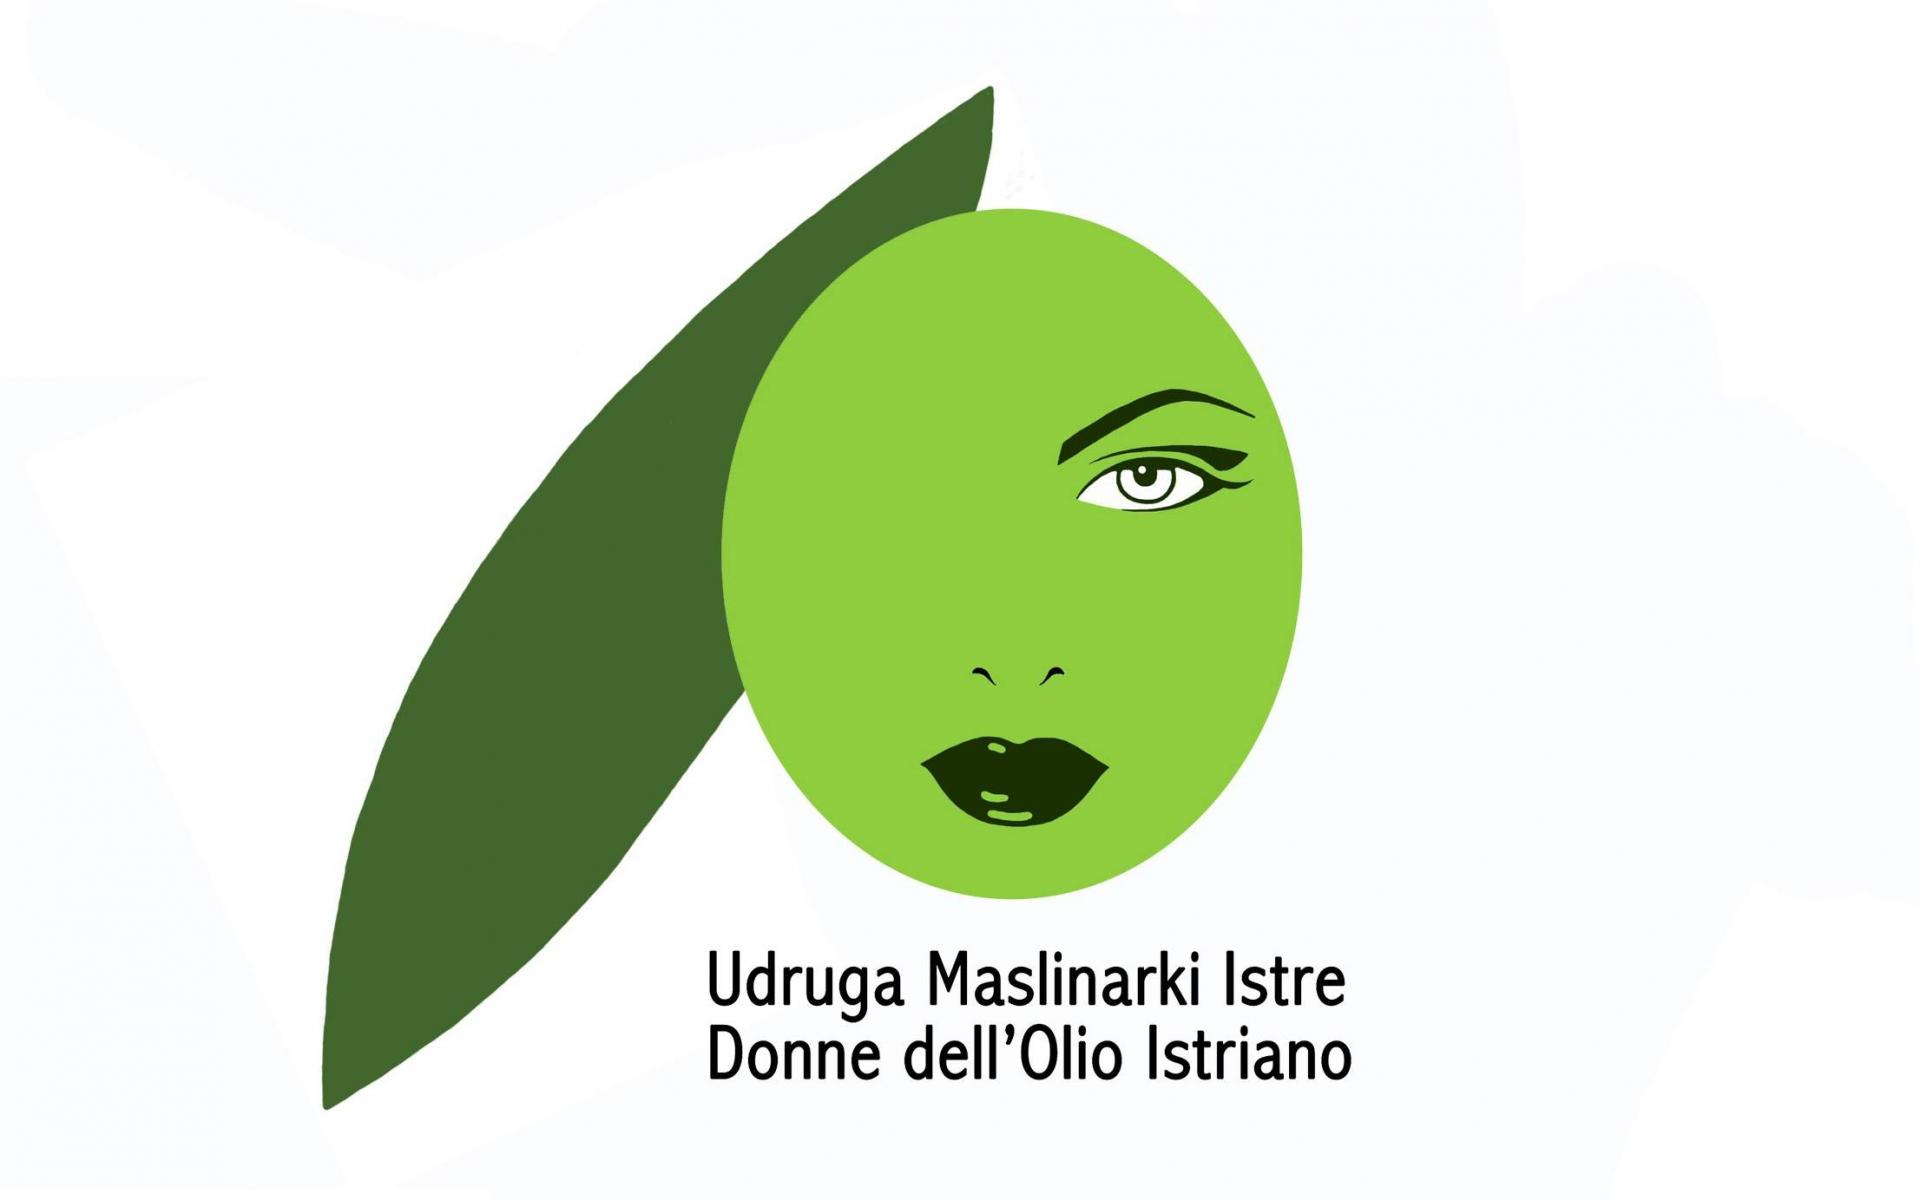 Donne dell'Olio Istriano, Udruga Maslinarki Istre